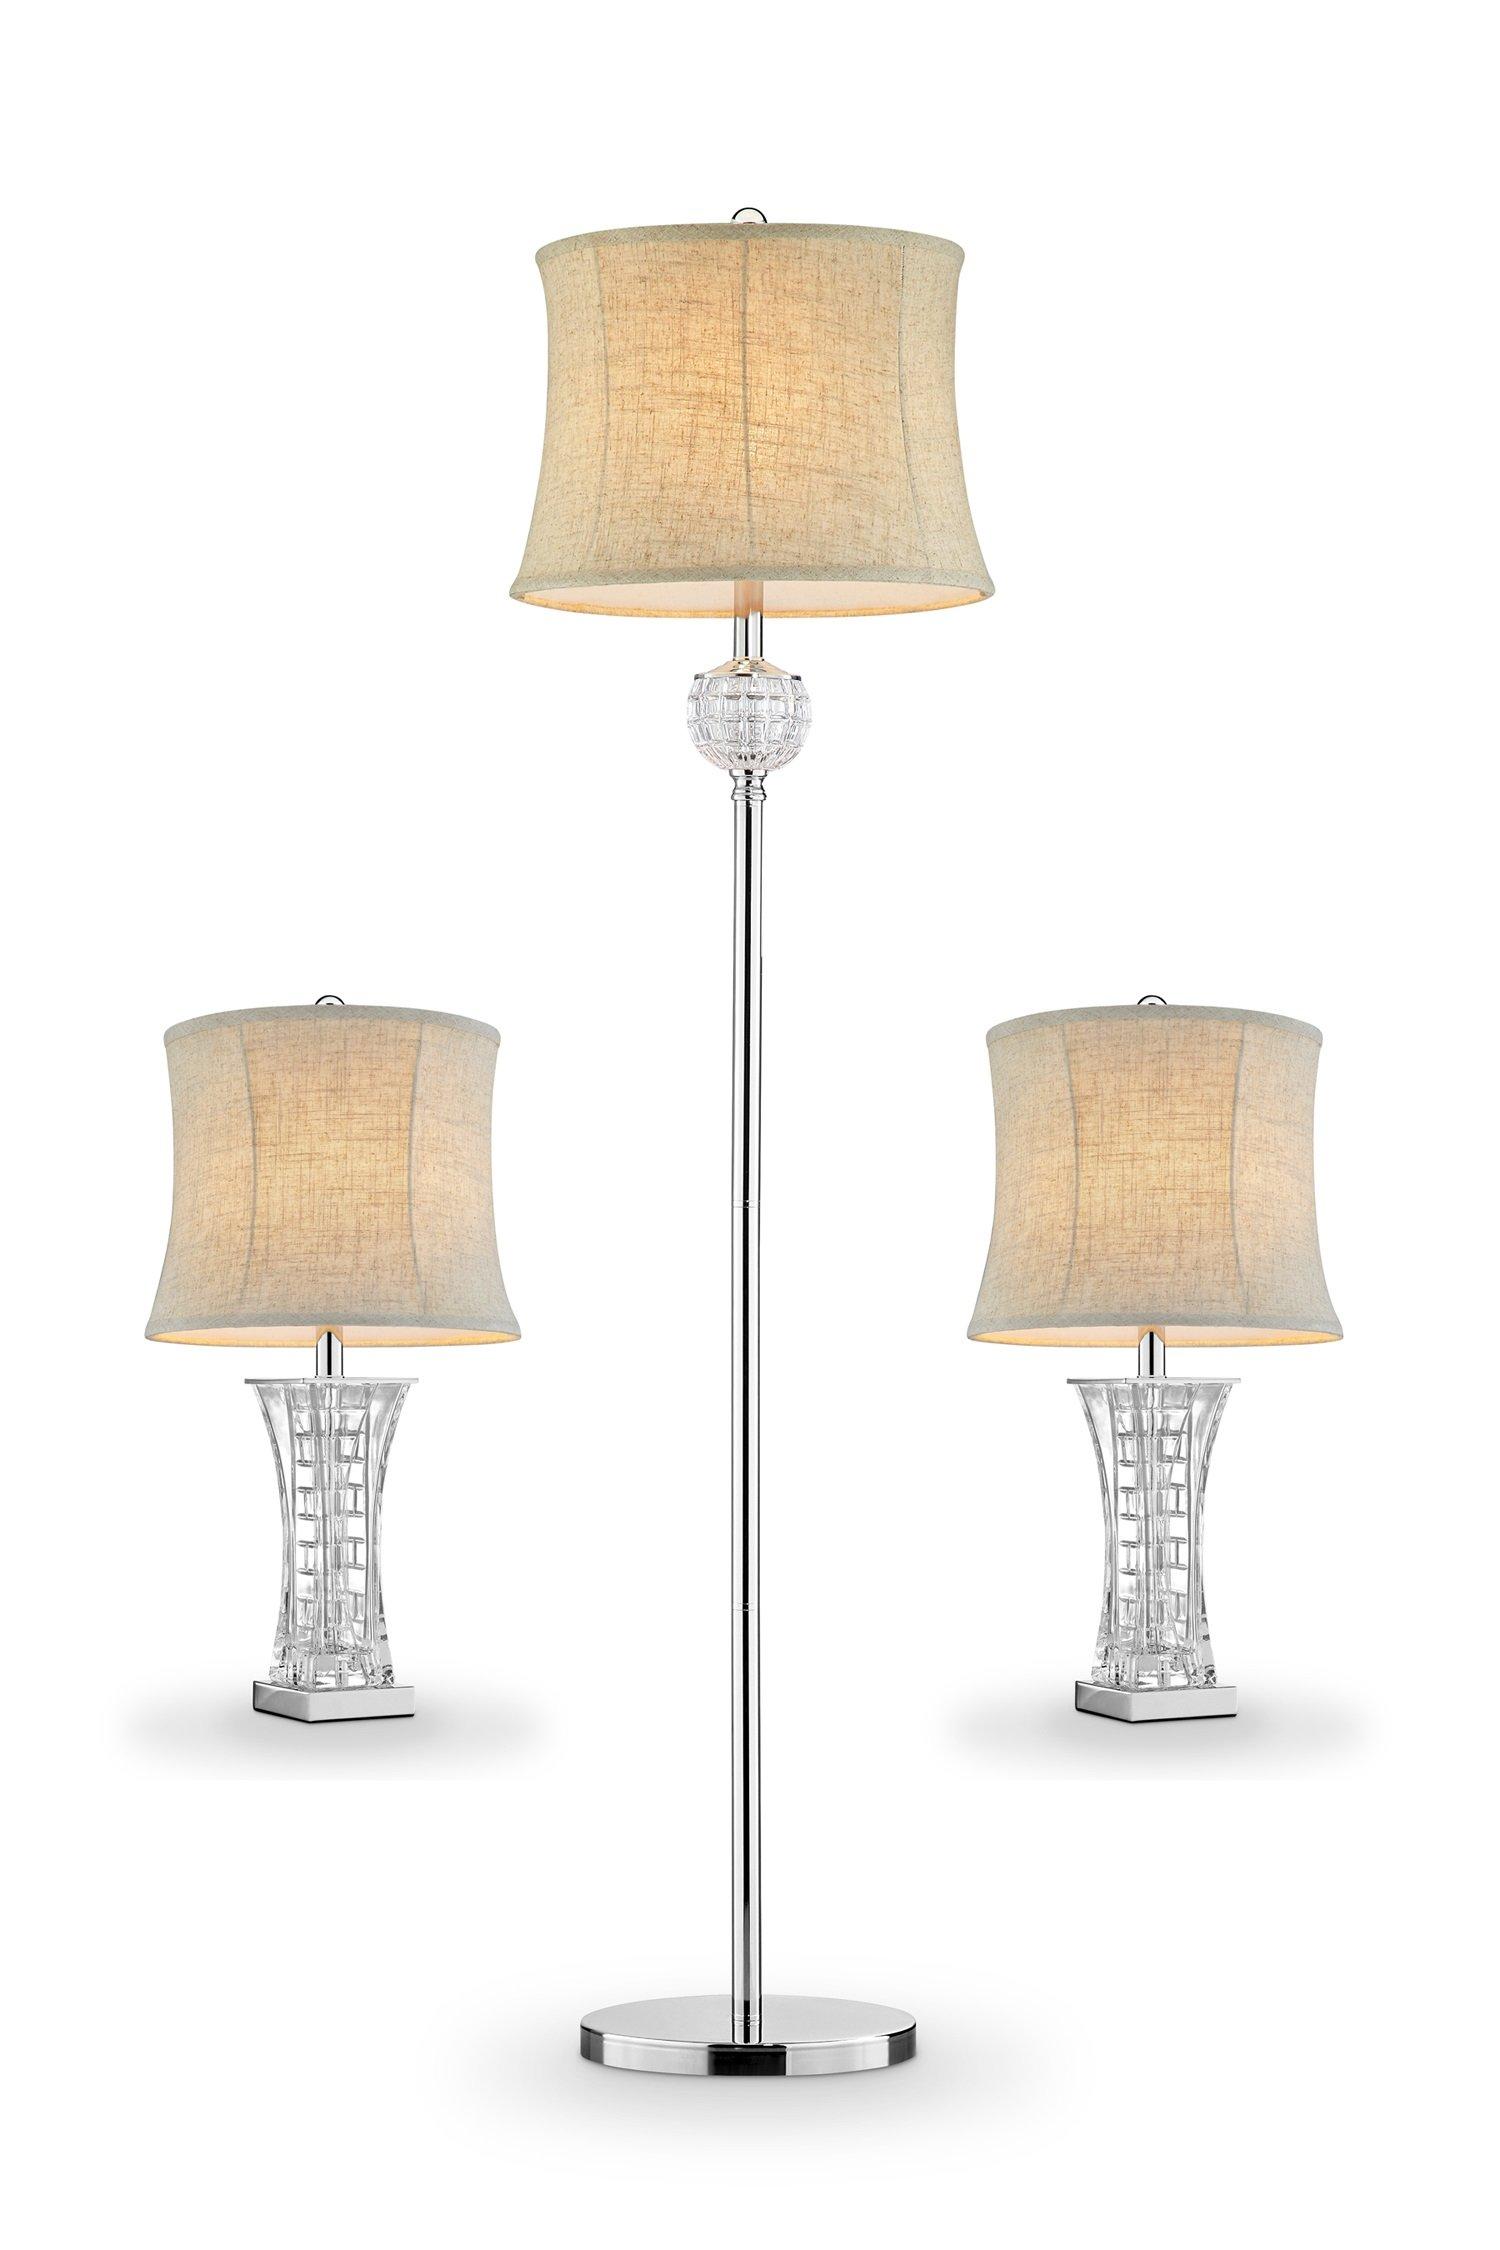 OK Lighting OK-5715-31 Lunette Lamp 3 In 1 Bonus Pack ( 2T + 1F)